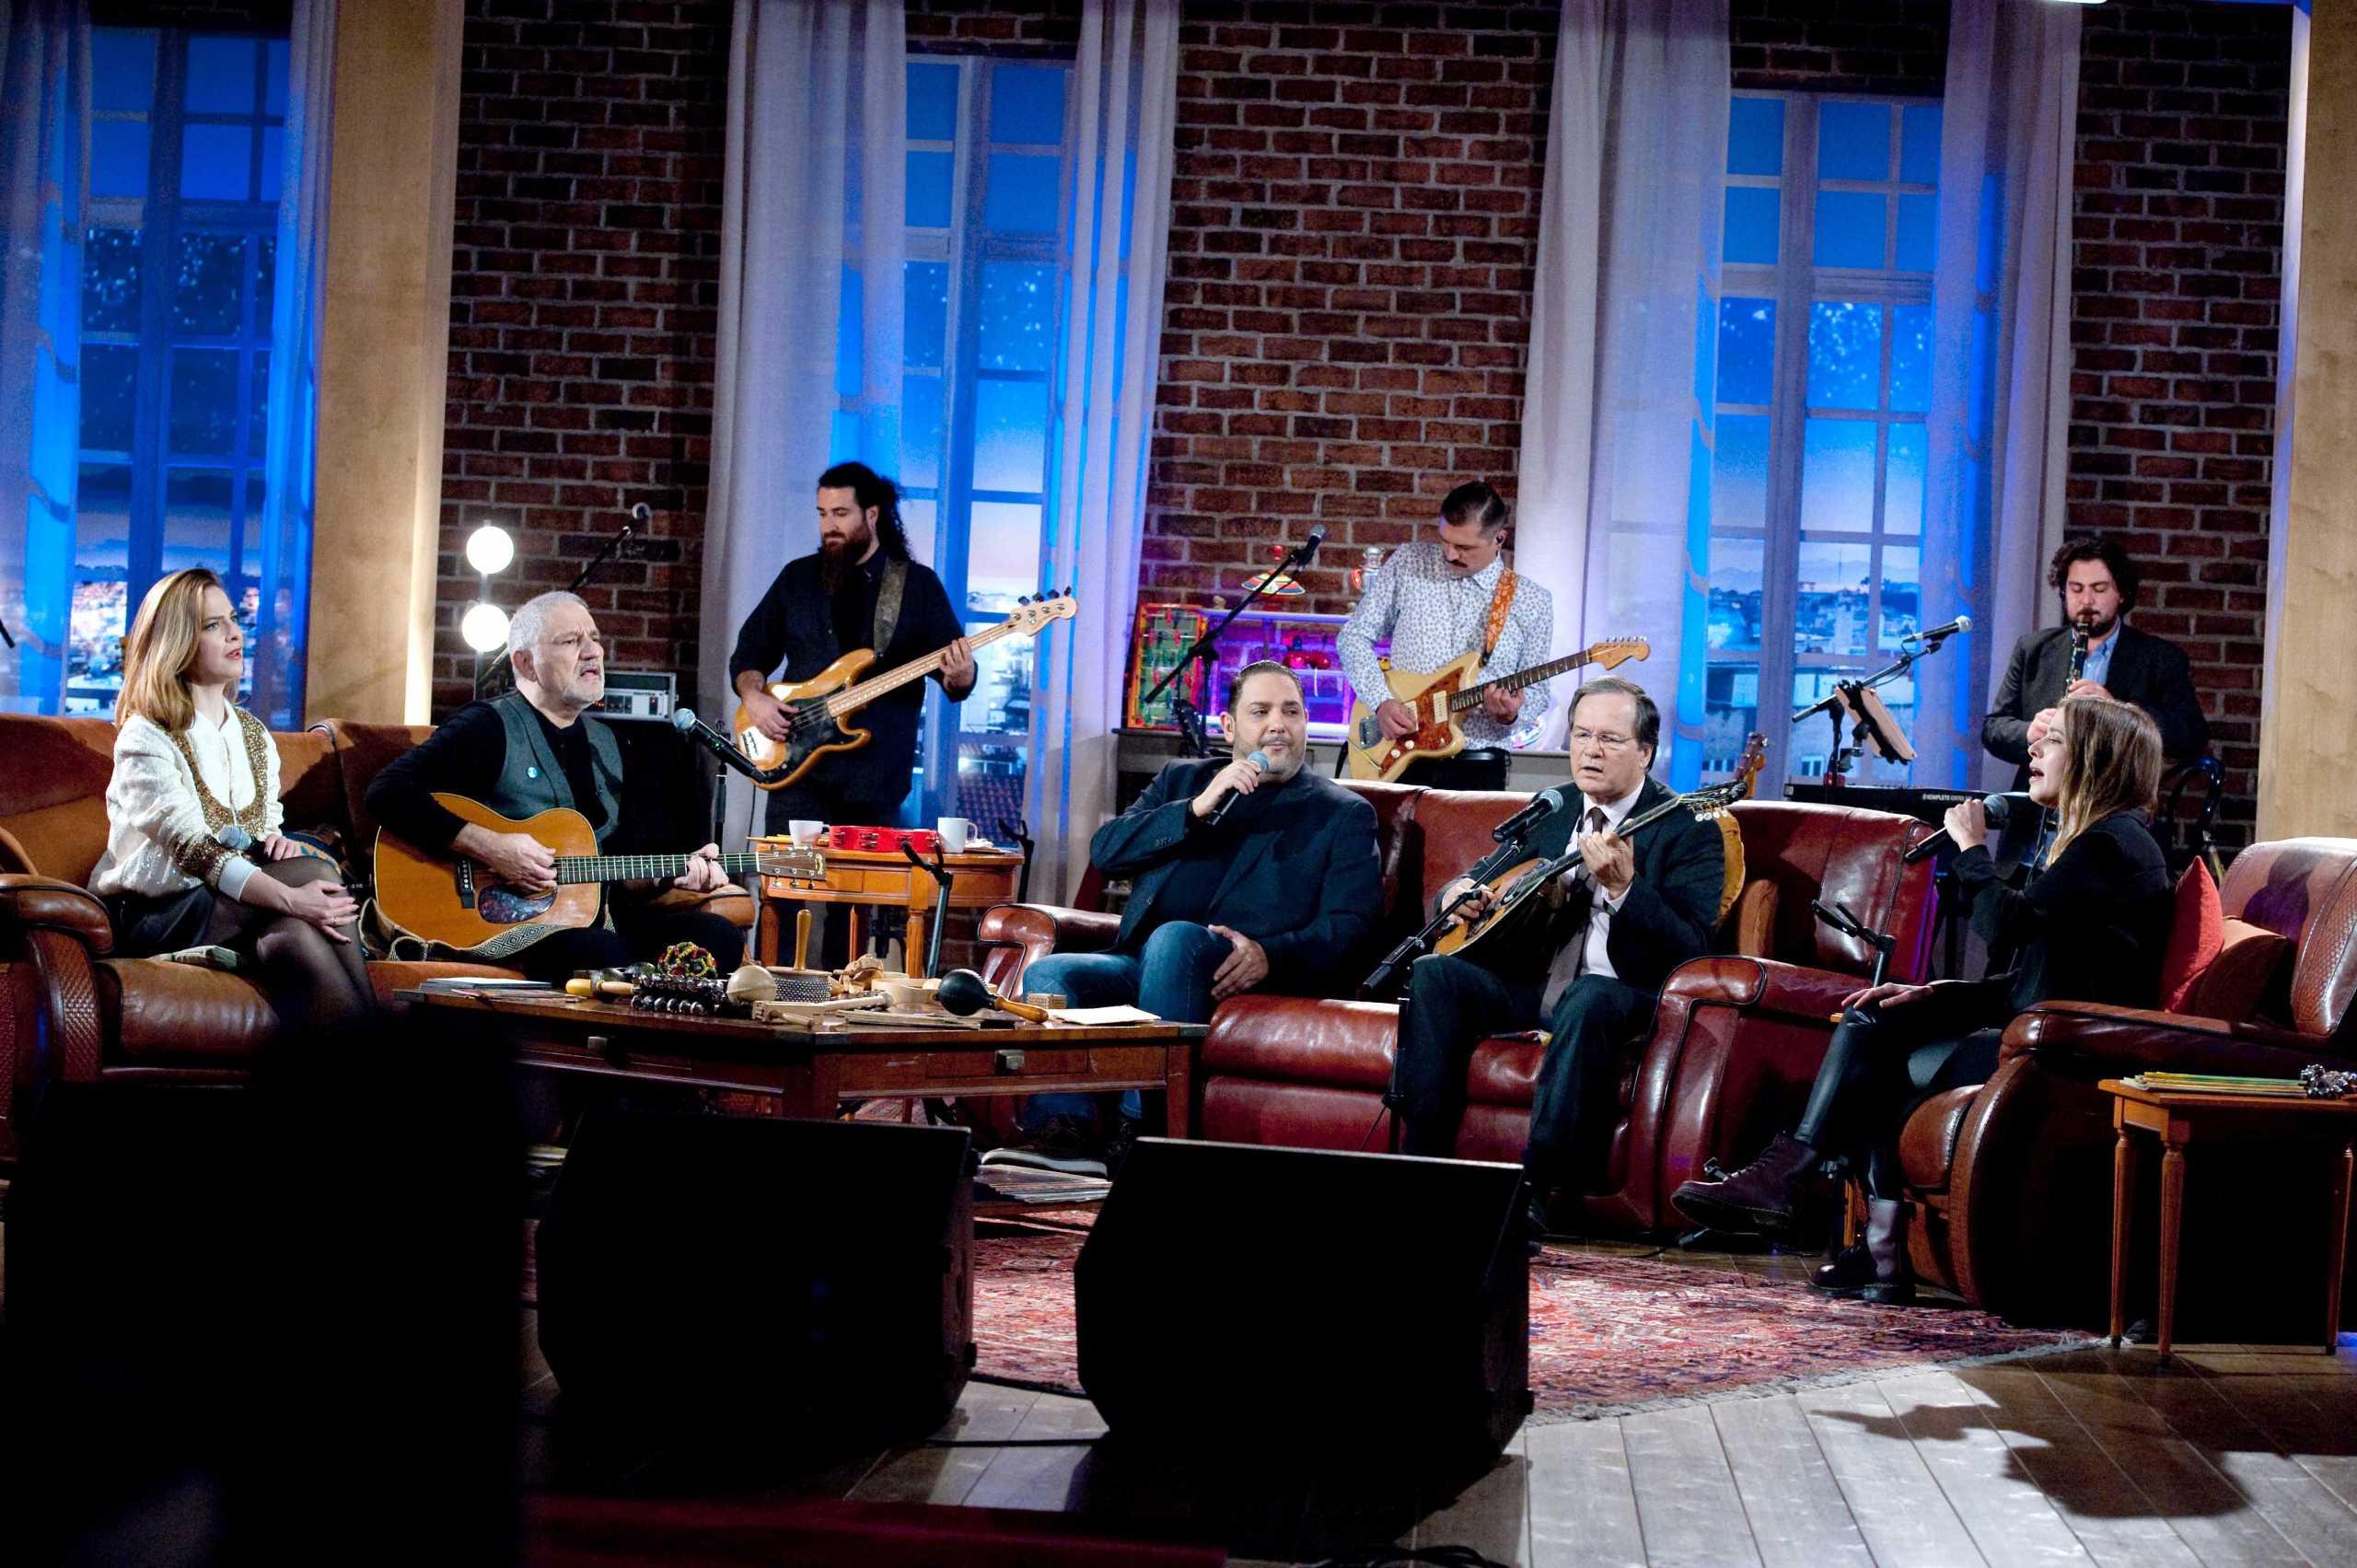 Χρήστος Νικολόπουλος, Στέλιος Διονυσίου και Ιουλία Καραπατάκη στο «Μουσικό Κουτί»